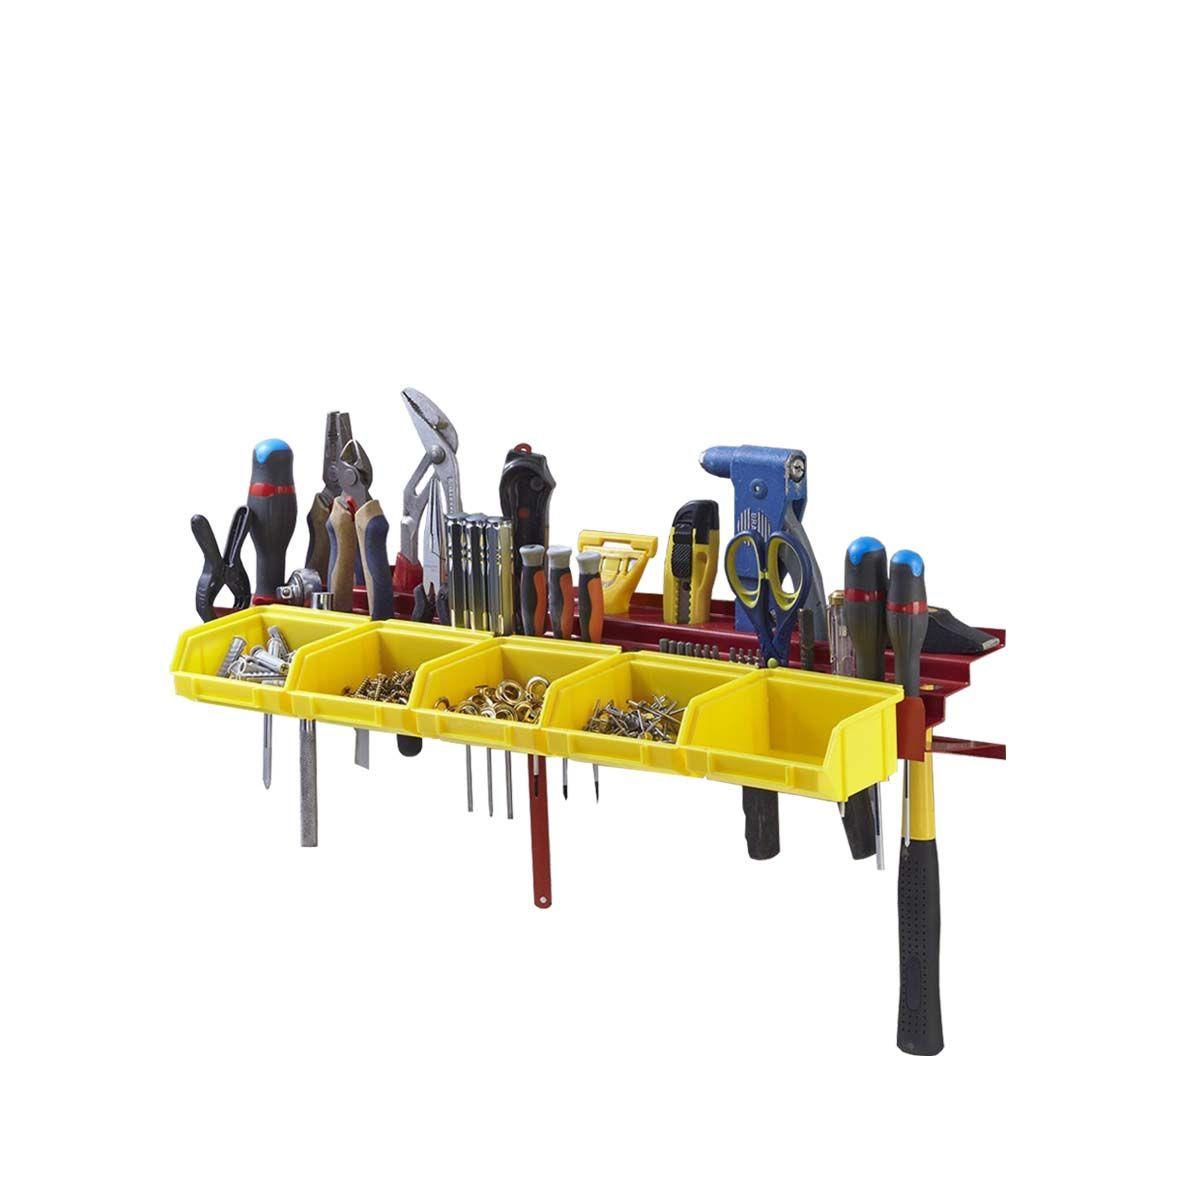 Rangement mural pour petits outils - Bricolage